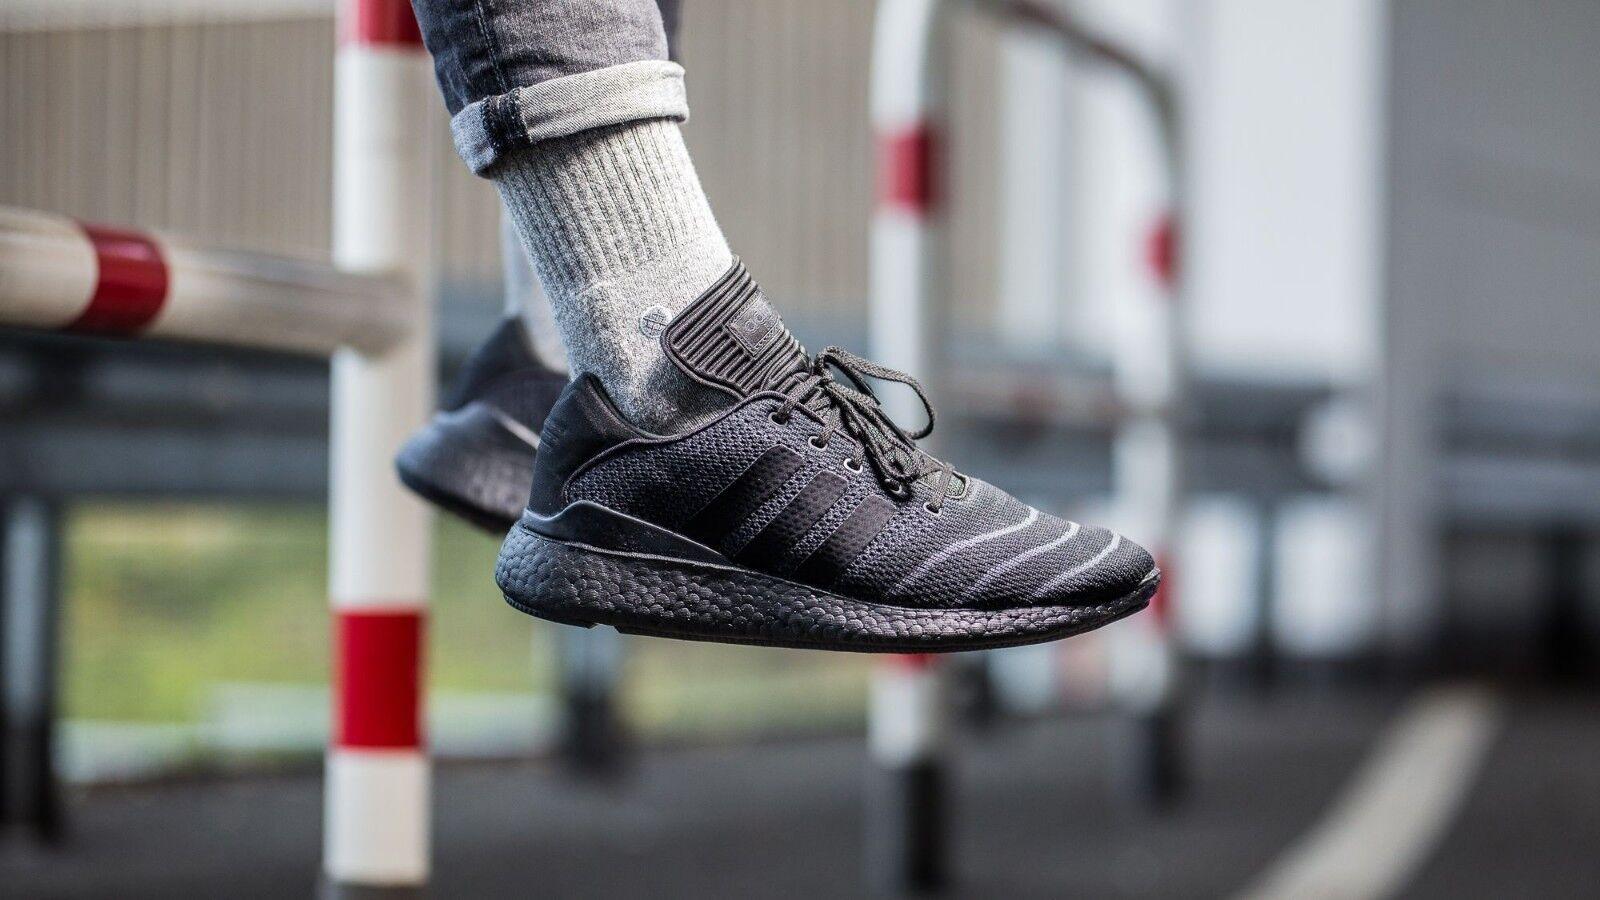 size 40 da9fc 8abb8 ... Adidas BUSENITZ Bottes PK BY4091 BY4091 BY4091 UK7 EU40.23 ADV EQT ZX  ...